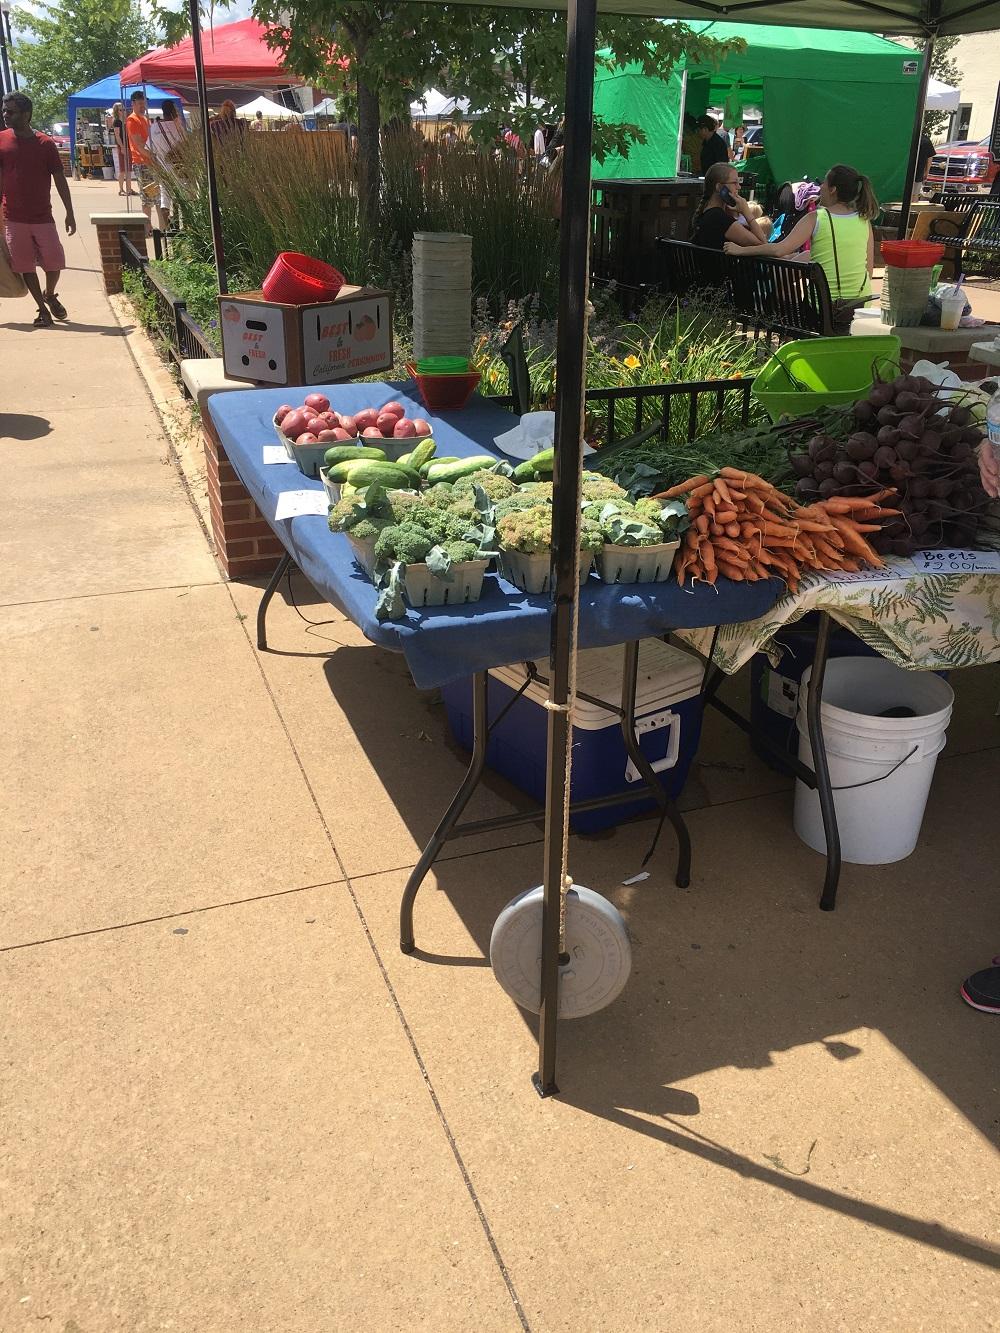 stevens point farmers market uw stevens point student blog uw stevens point student blog farmers market